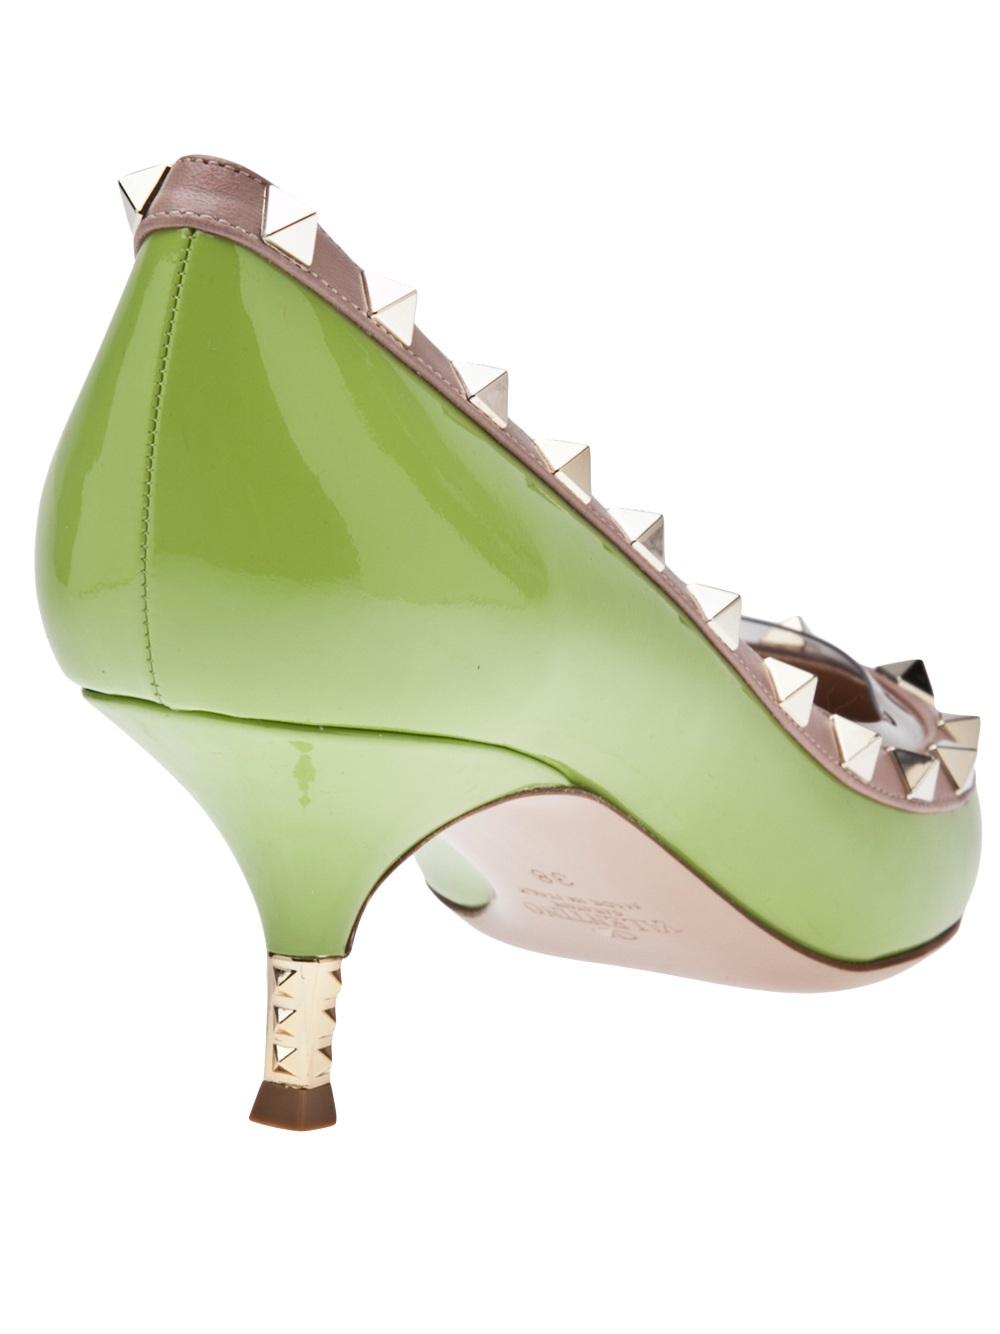 b190bad57b17 Shoeniverse  VALENTINO Green Rockstud Pump